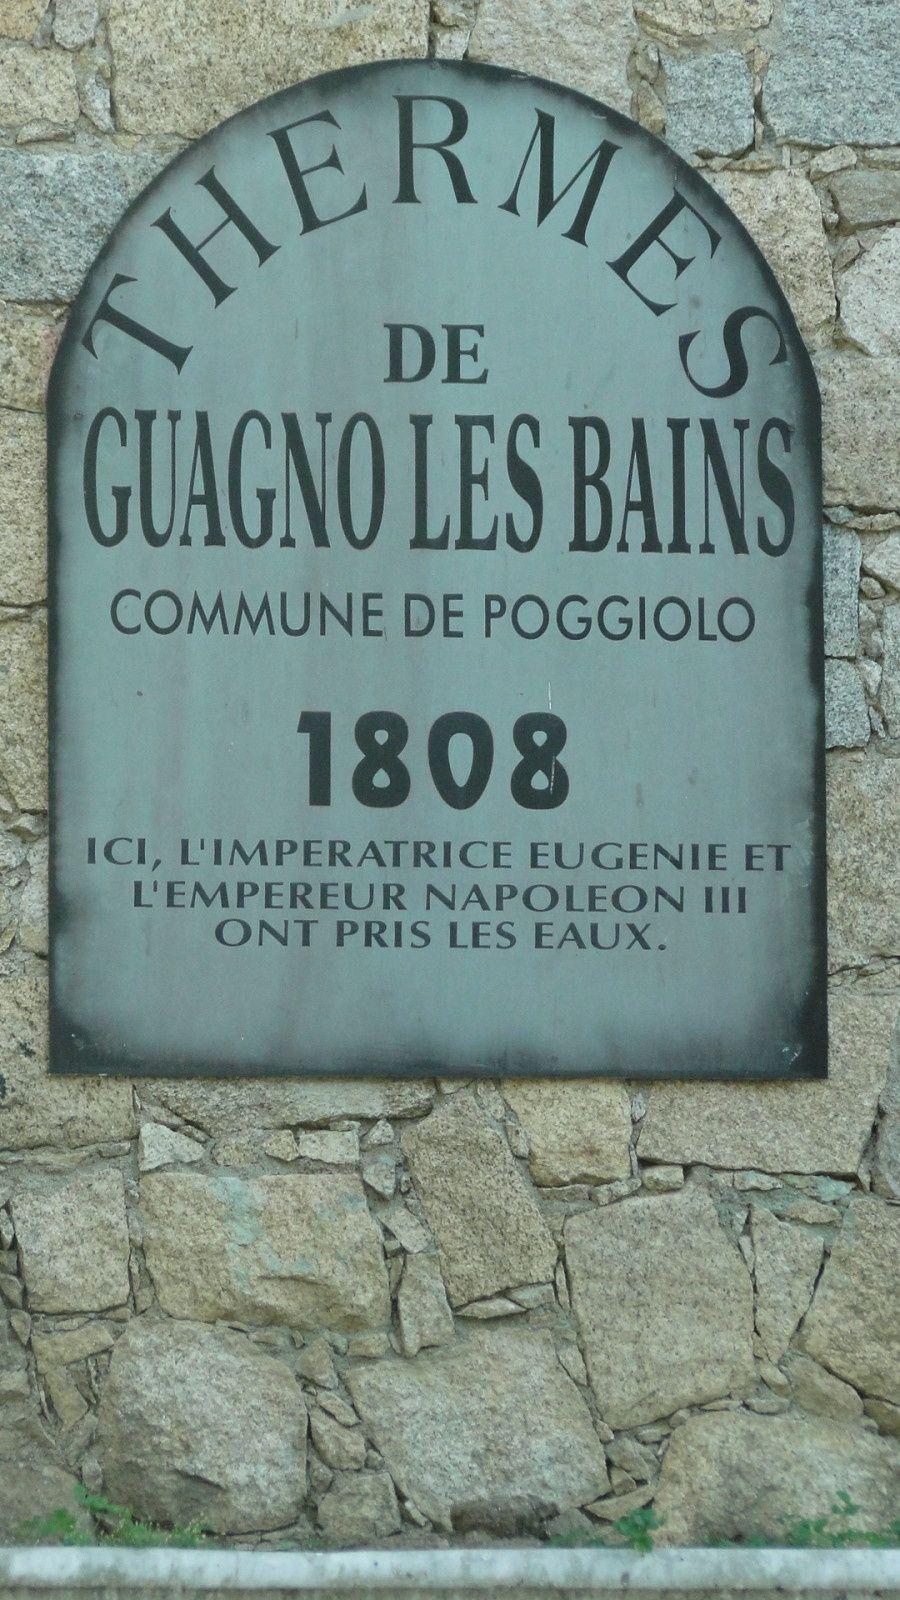 Napoléon Ier à Guagno-les-bains et pas Napoléon III (1/2)